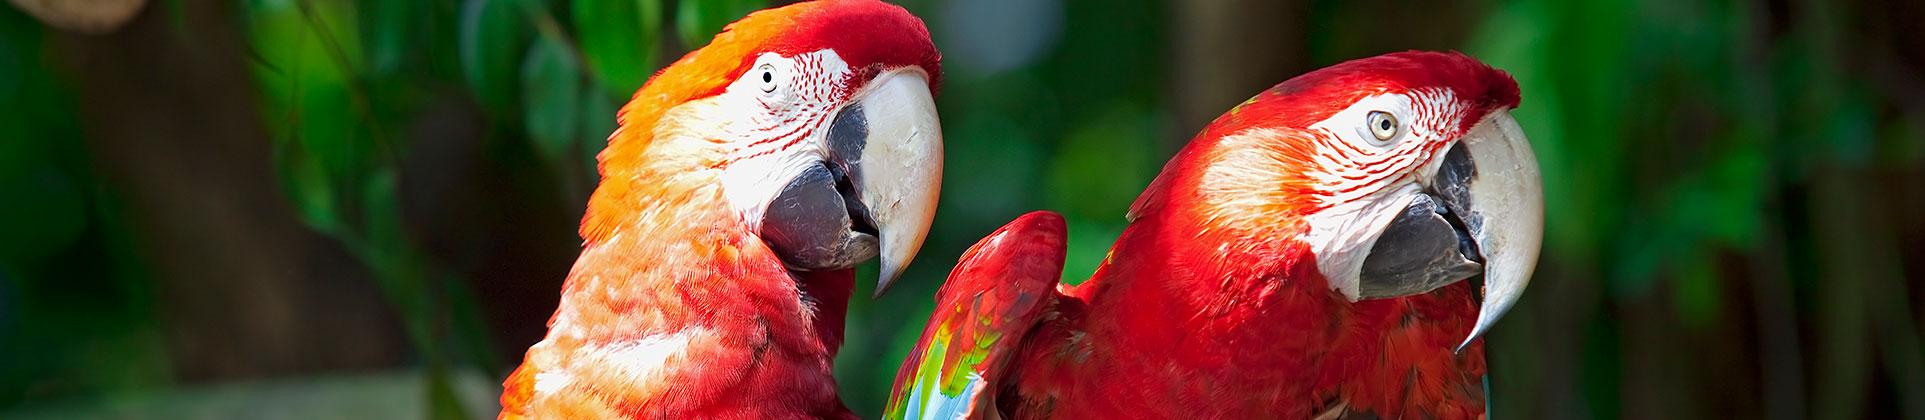 bird export